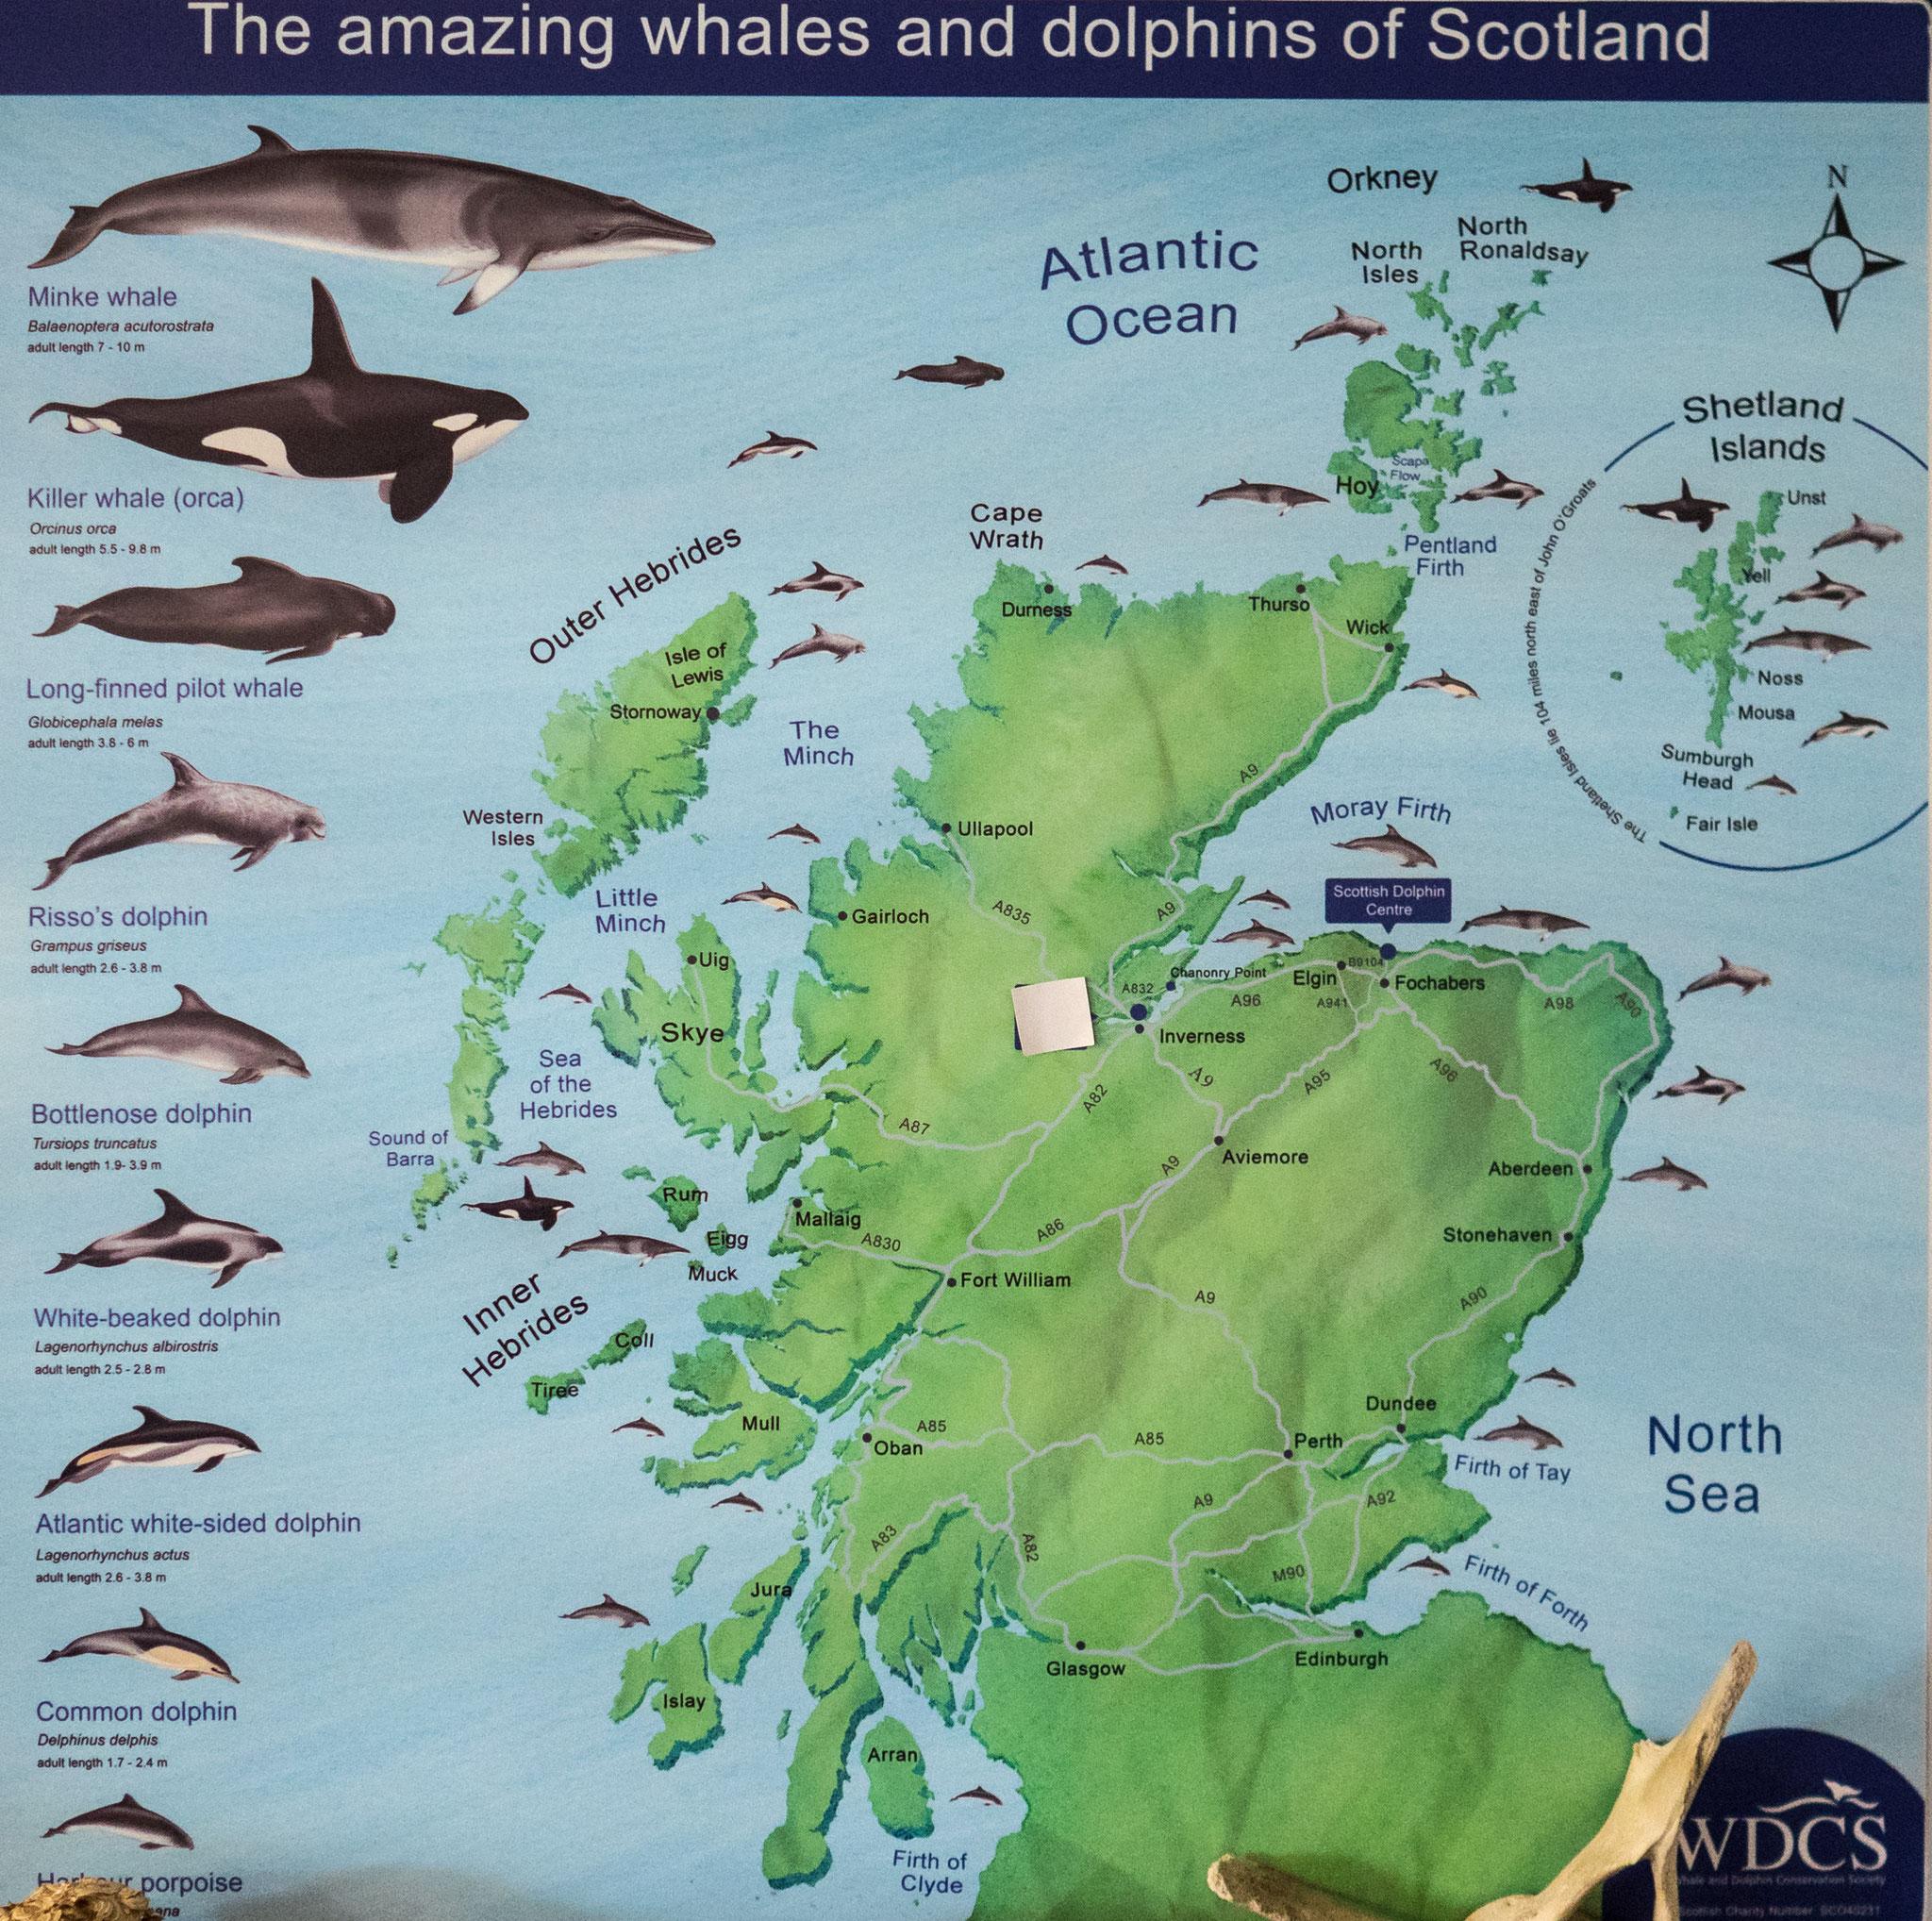 Bild: Schottland's Wale und Delphine